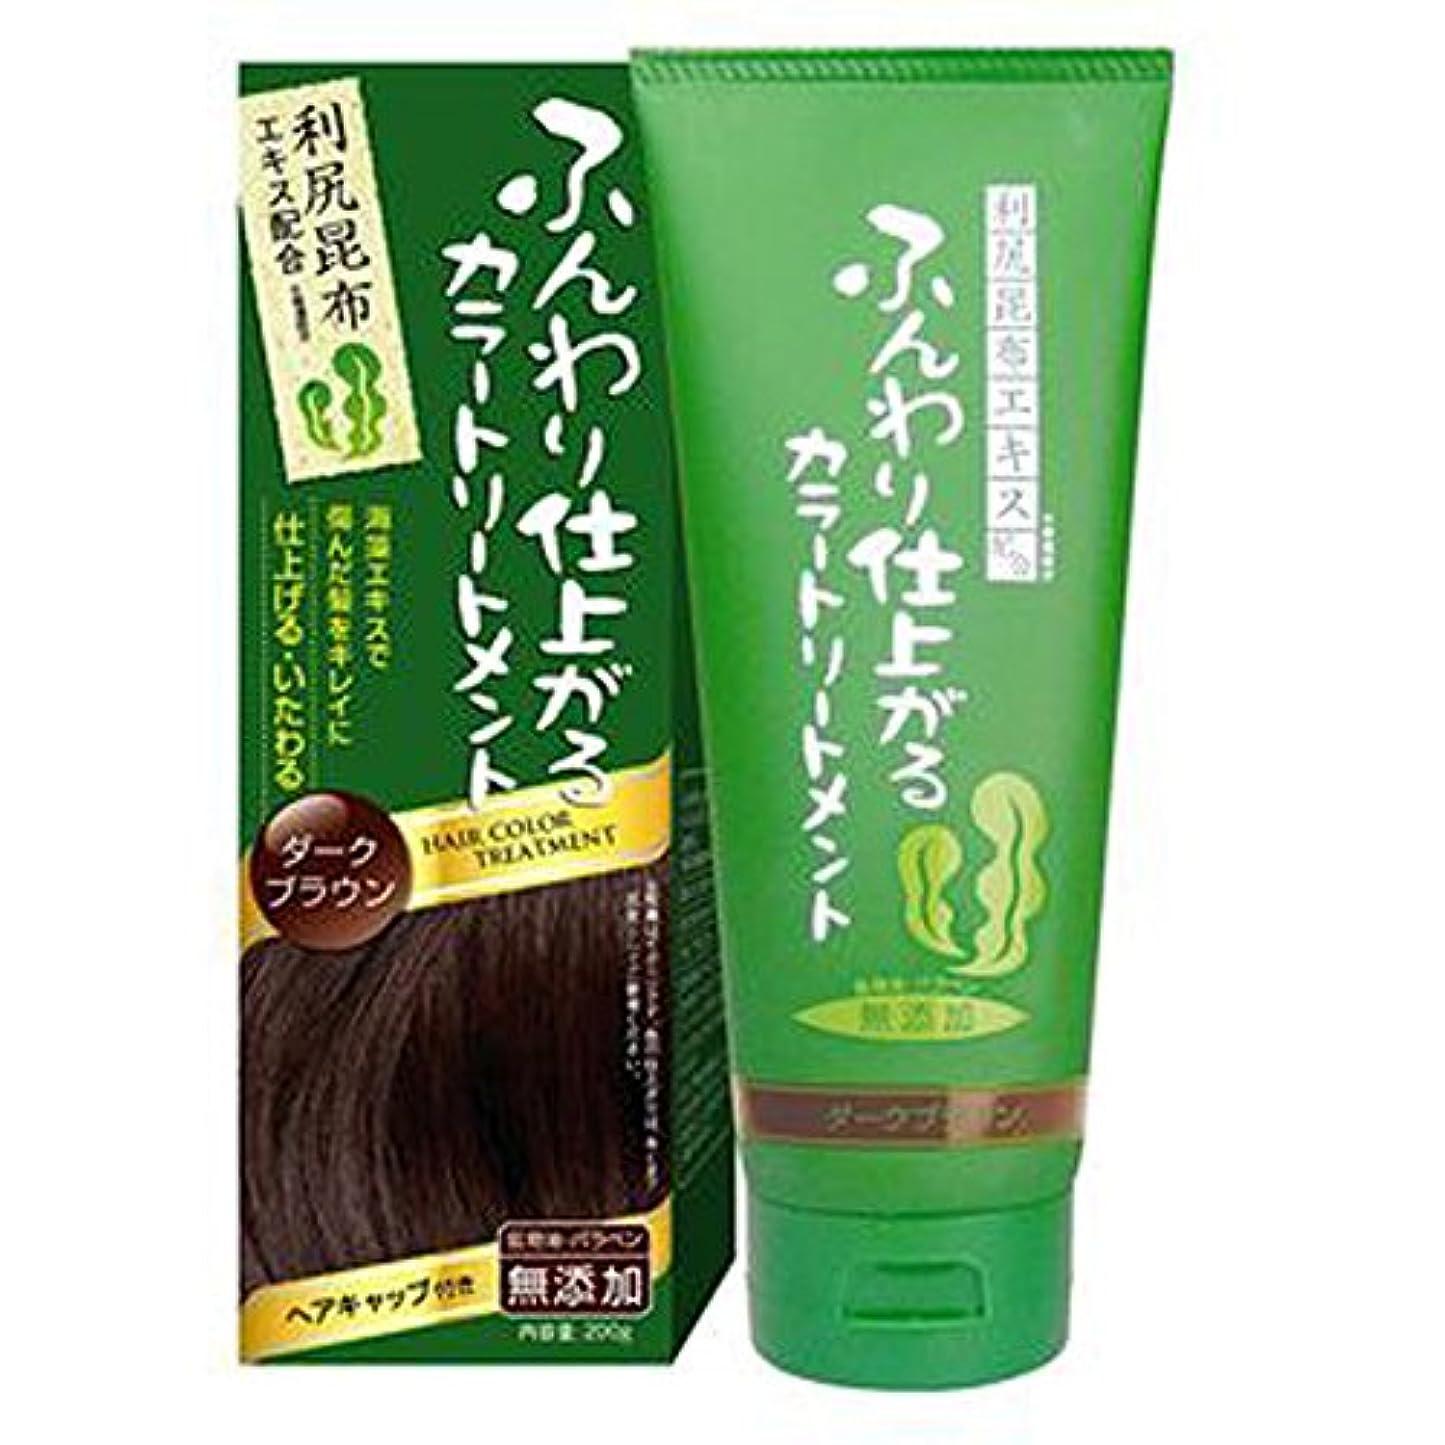 アサートターゲット冷酷なふんわり仕上がるカラートリートメント 白髪 染め 保湿 利尻昆布エキス配合 ヘアカラー (200g ダークブラウン) rishiri-haircolor-200g-dbr